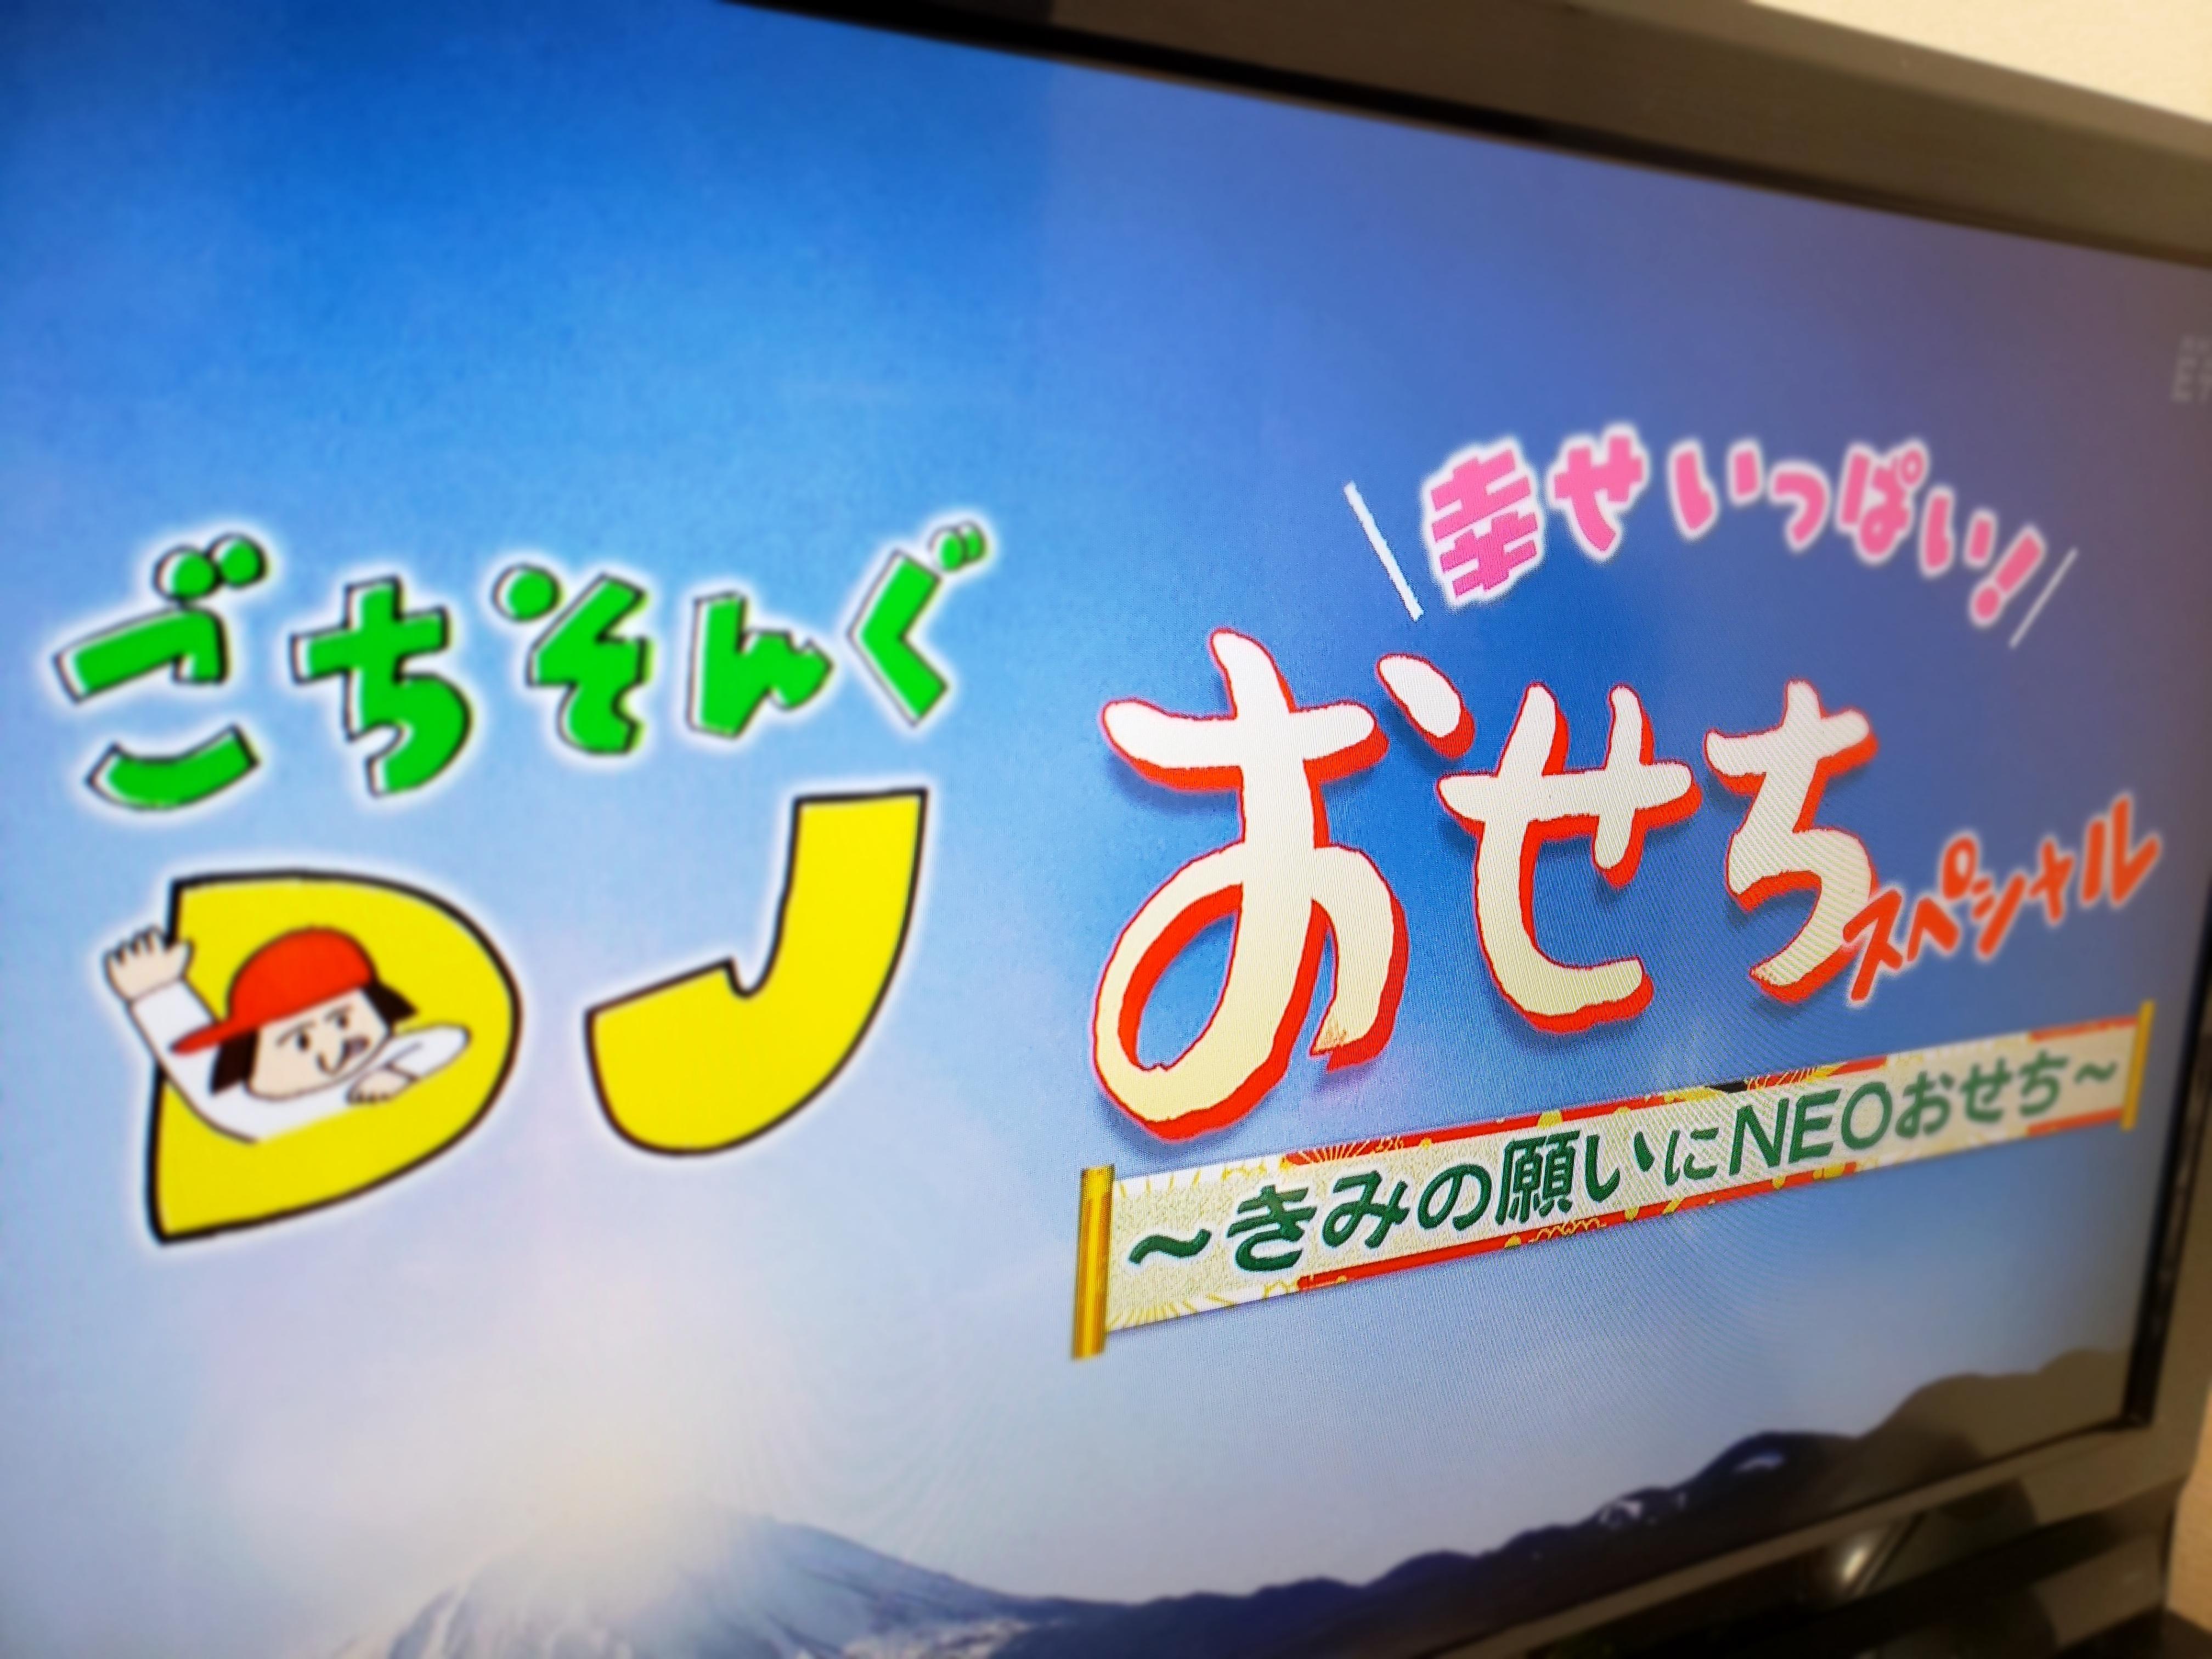 NHKの年始特別番組にレストラン洋風おせちの画像が掲載されました。